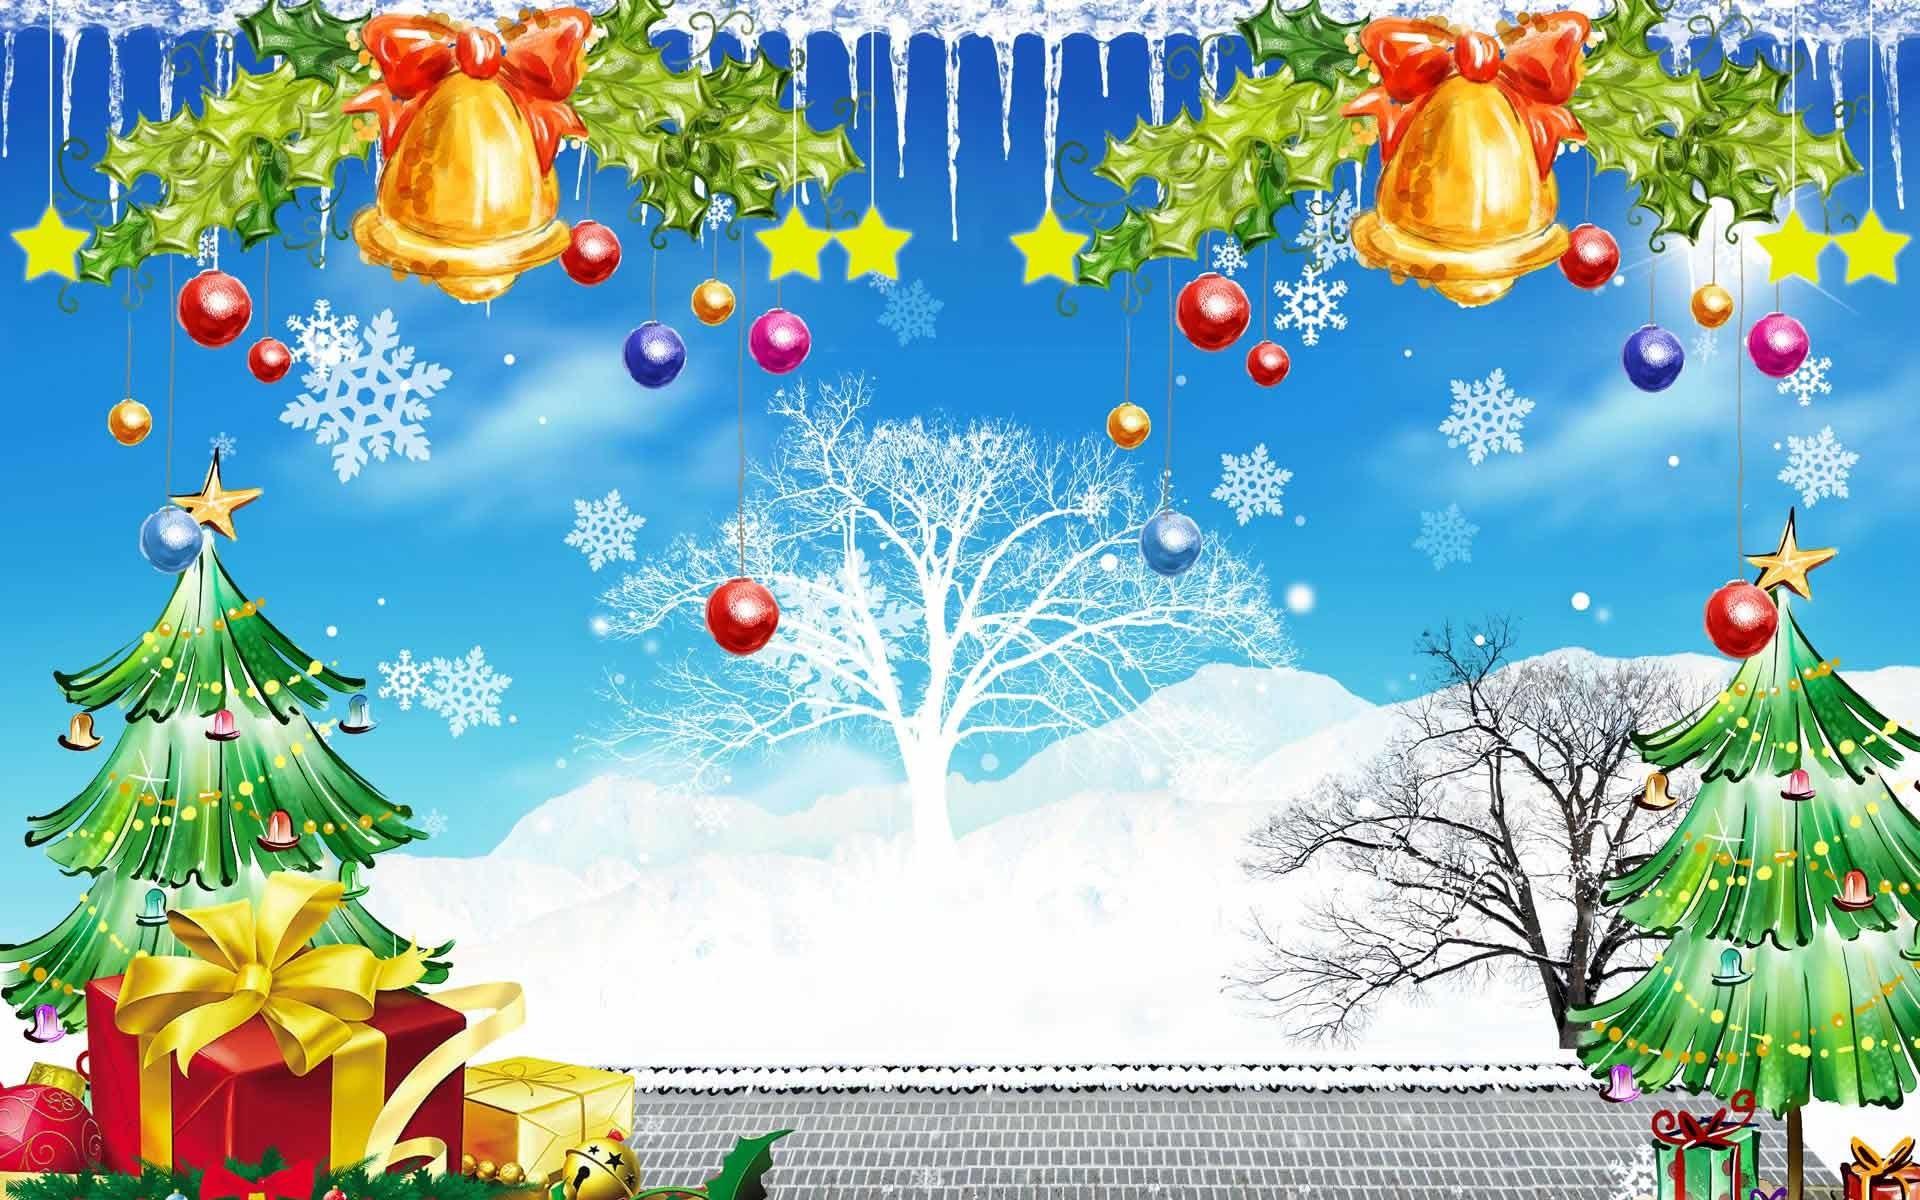 24 Animated Christmas Wallpapers